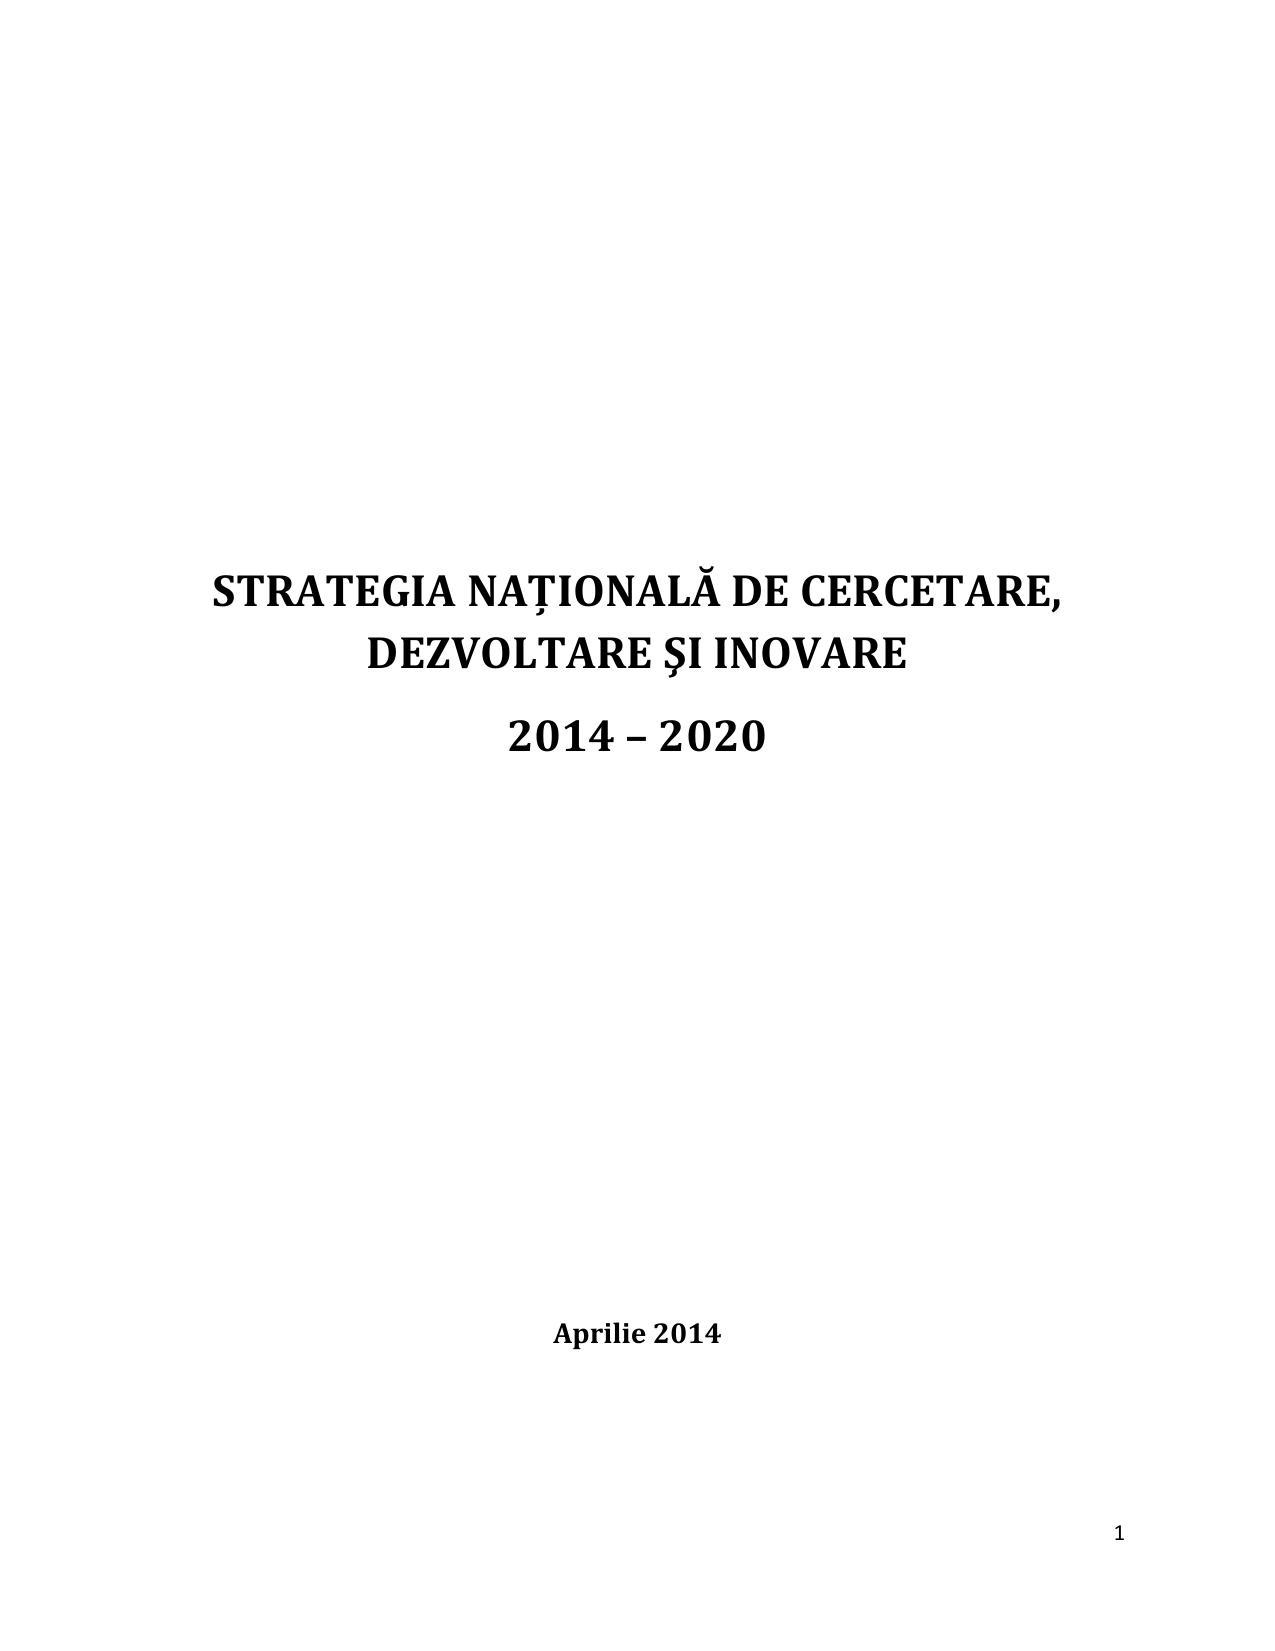 Strategia nationala de cercetare dezvoltare si inovare 2014 2020   Ministerul Educatiei